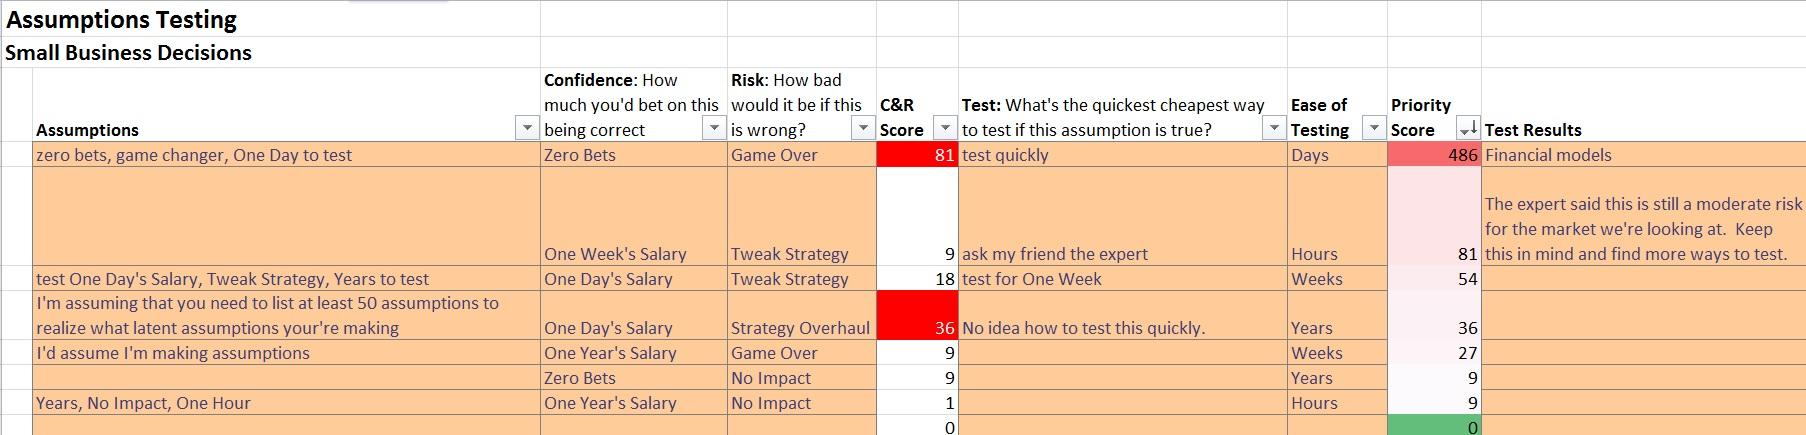 assumptions-testing-smallbusinessdecisions